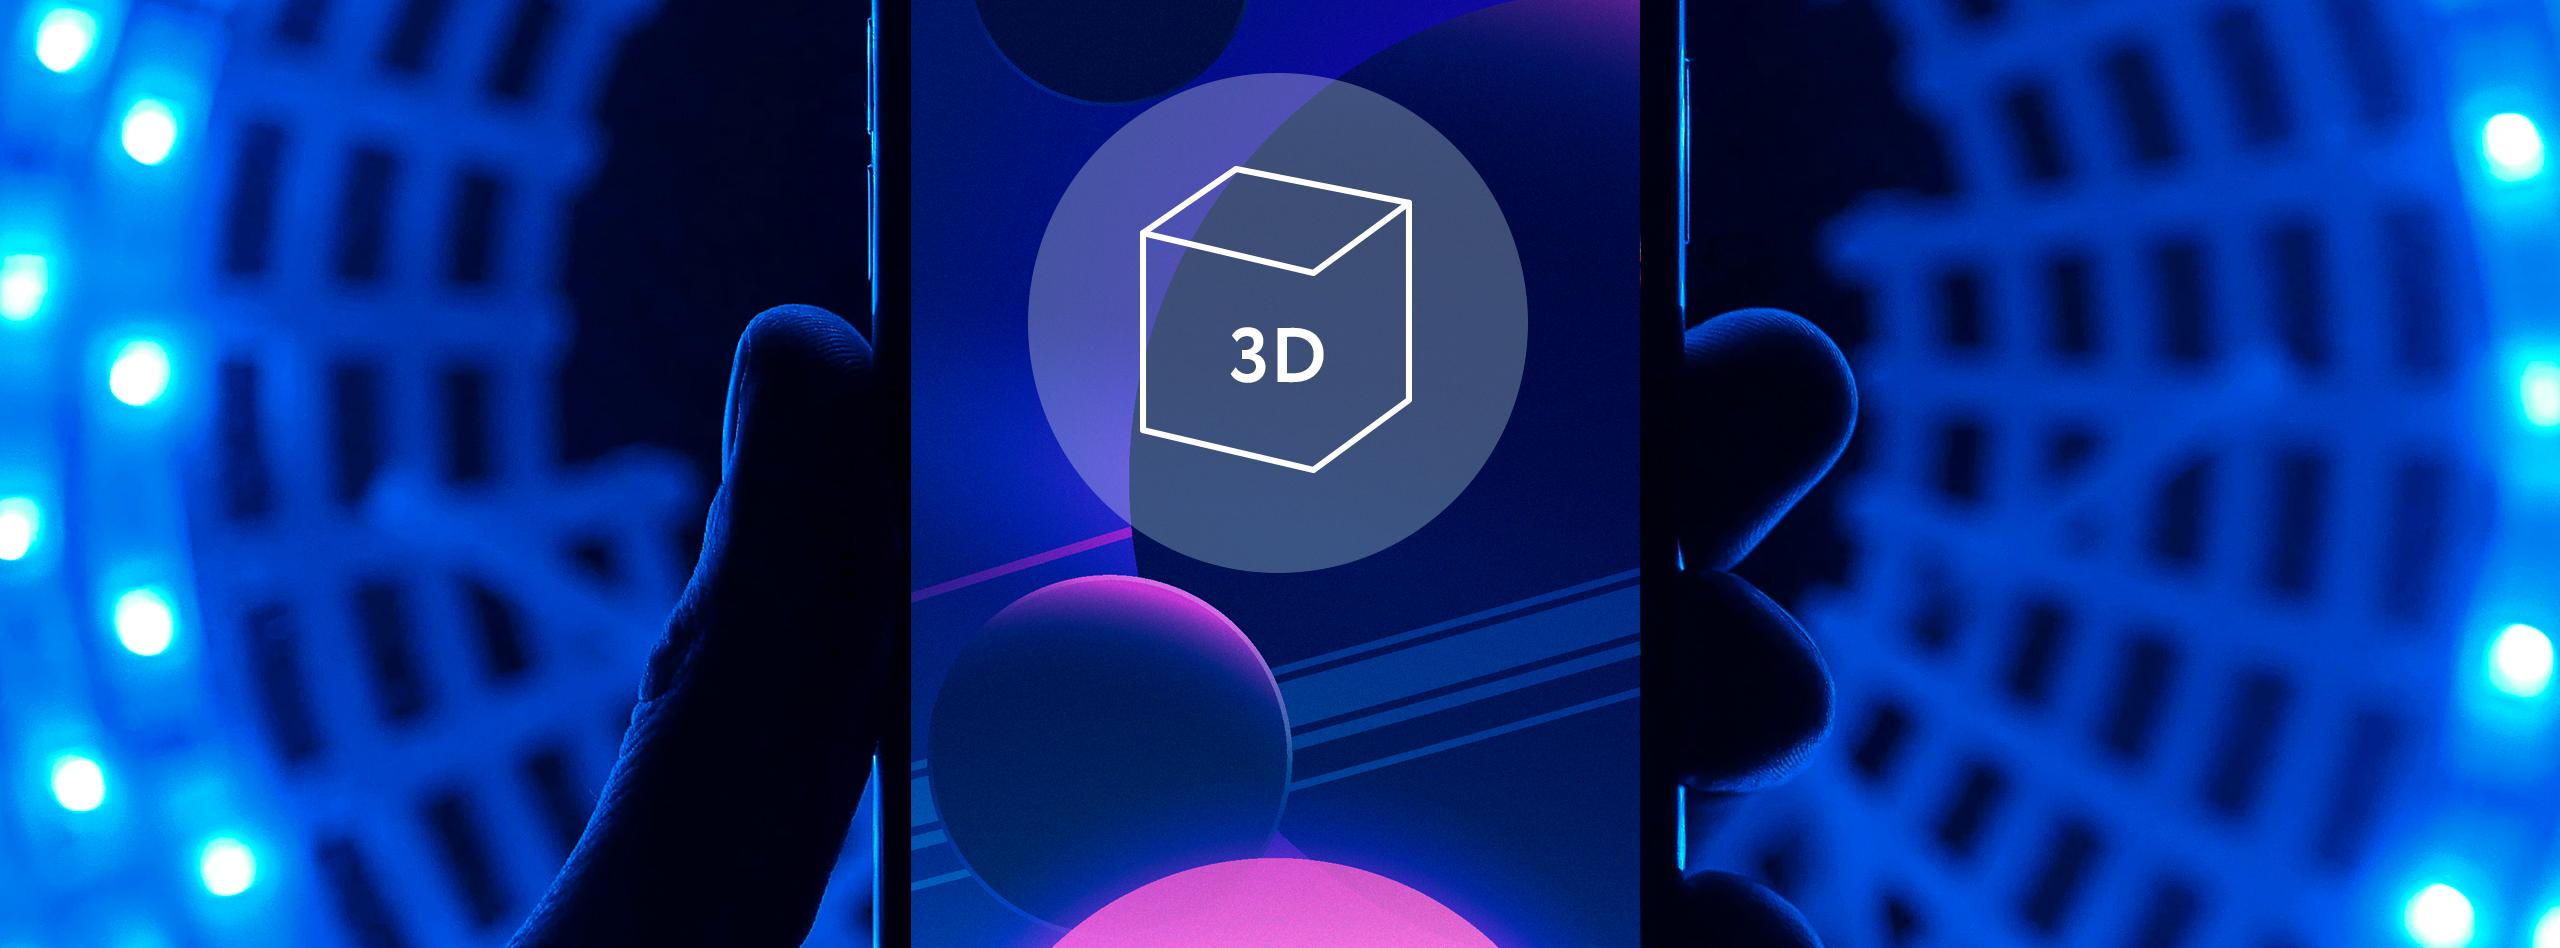 3D-эффект без айфонов и скрытых платежей: endgame